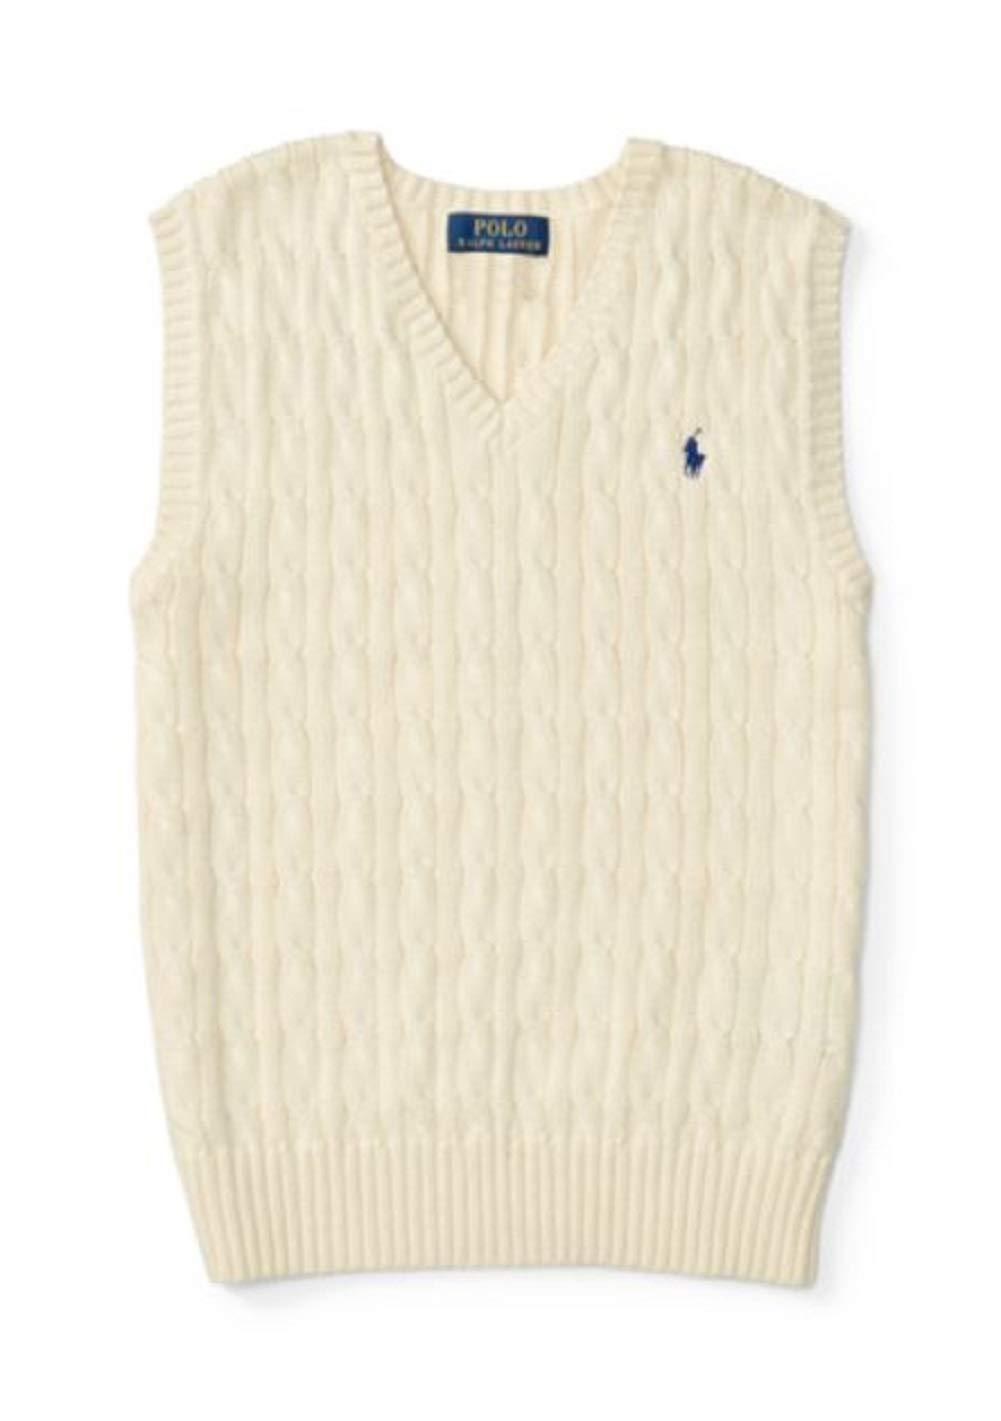 RALPH LAUREN Boys > Sweaters > Cable-Knit Cotton Sweater Vest